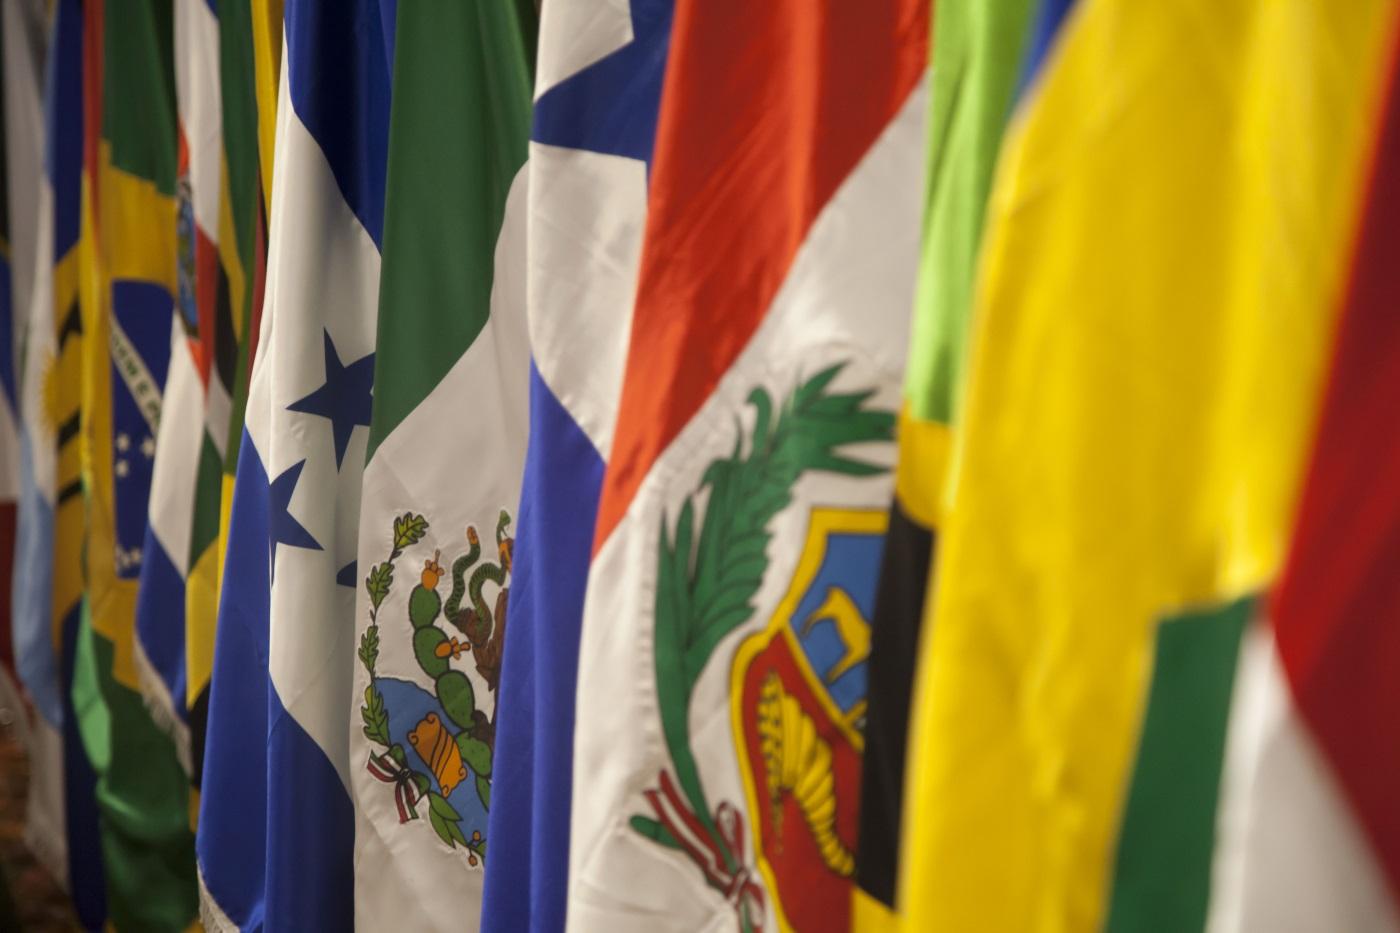 Bandeiras dos países-membros